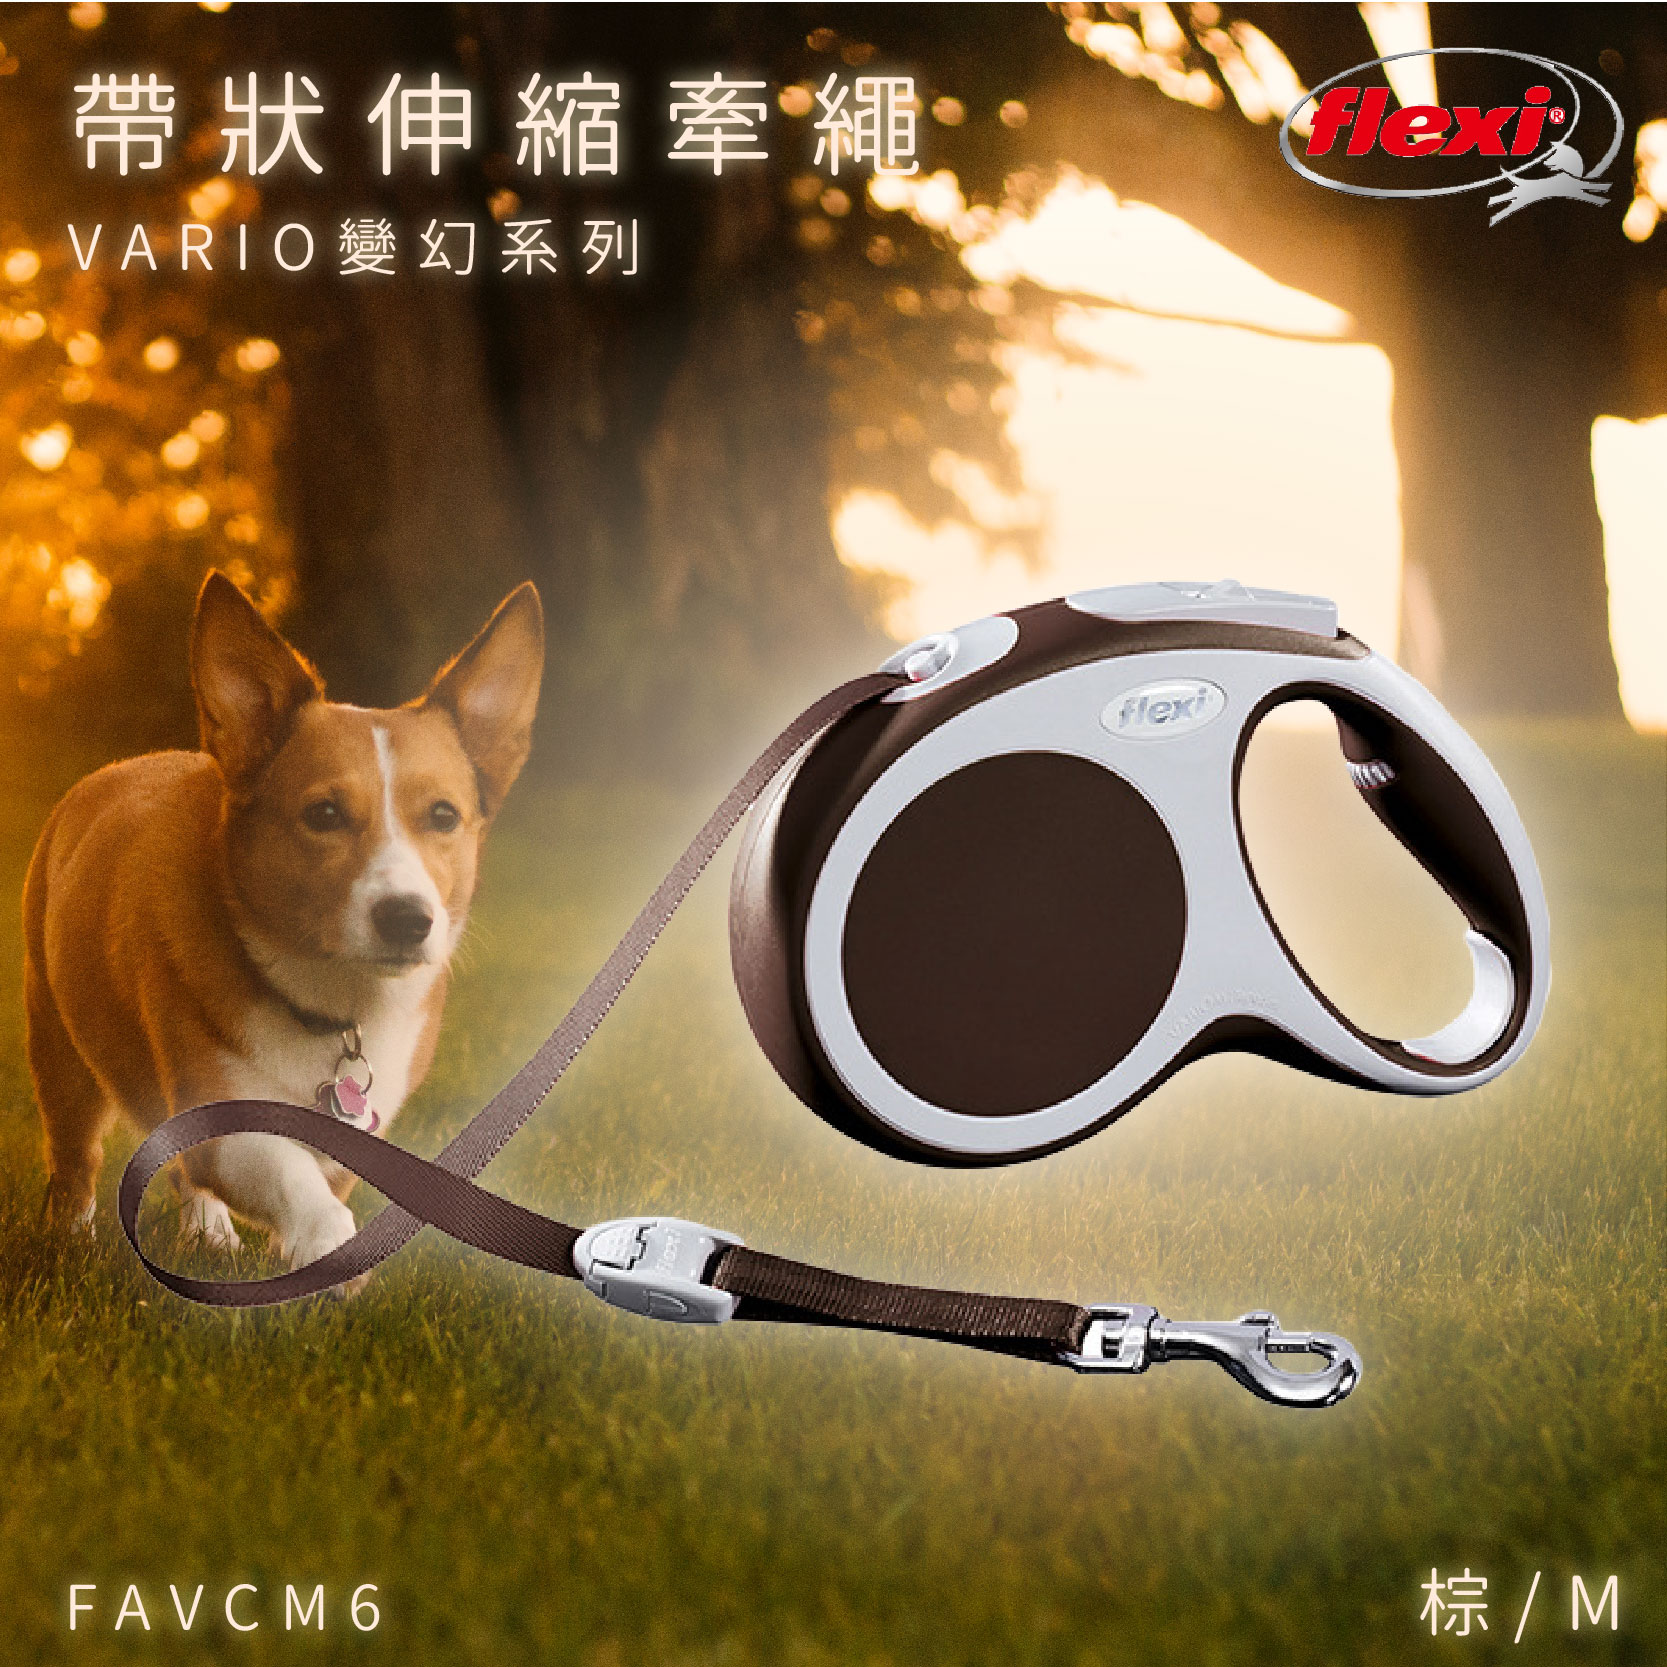 Flexi 帶狀寵物牽繩 棕M FAVCM6 變幻系列 舒適握把 狗貓 外出用品 寵物用品 寵物牽繩 德國製